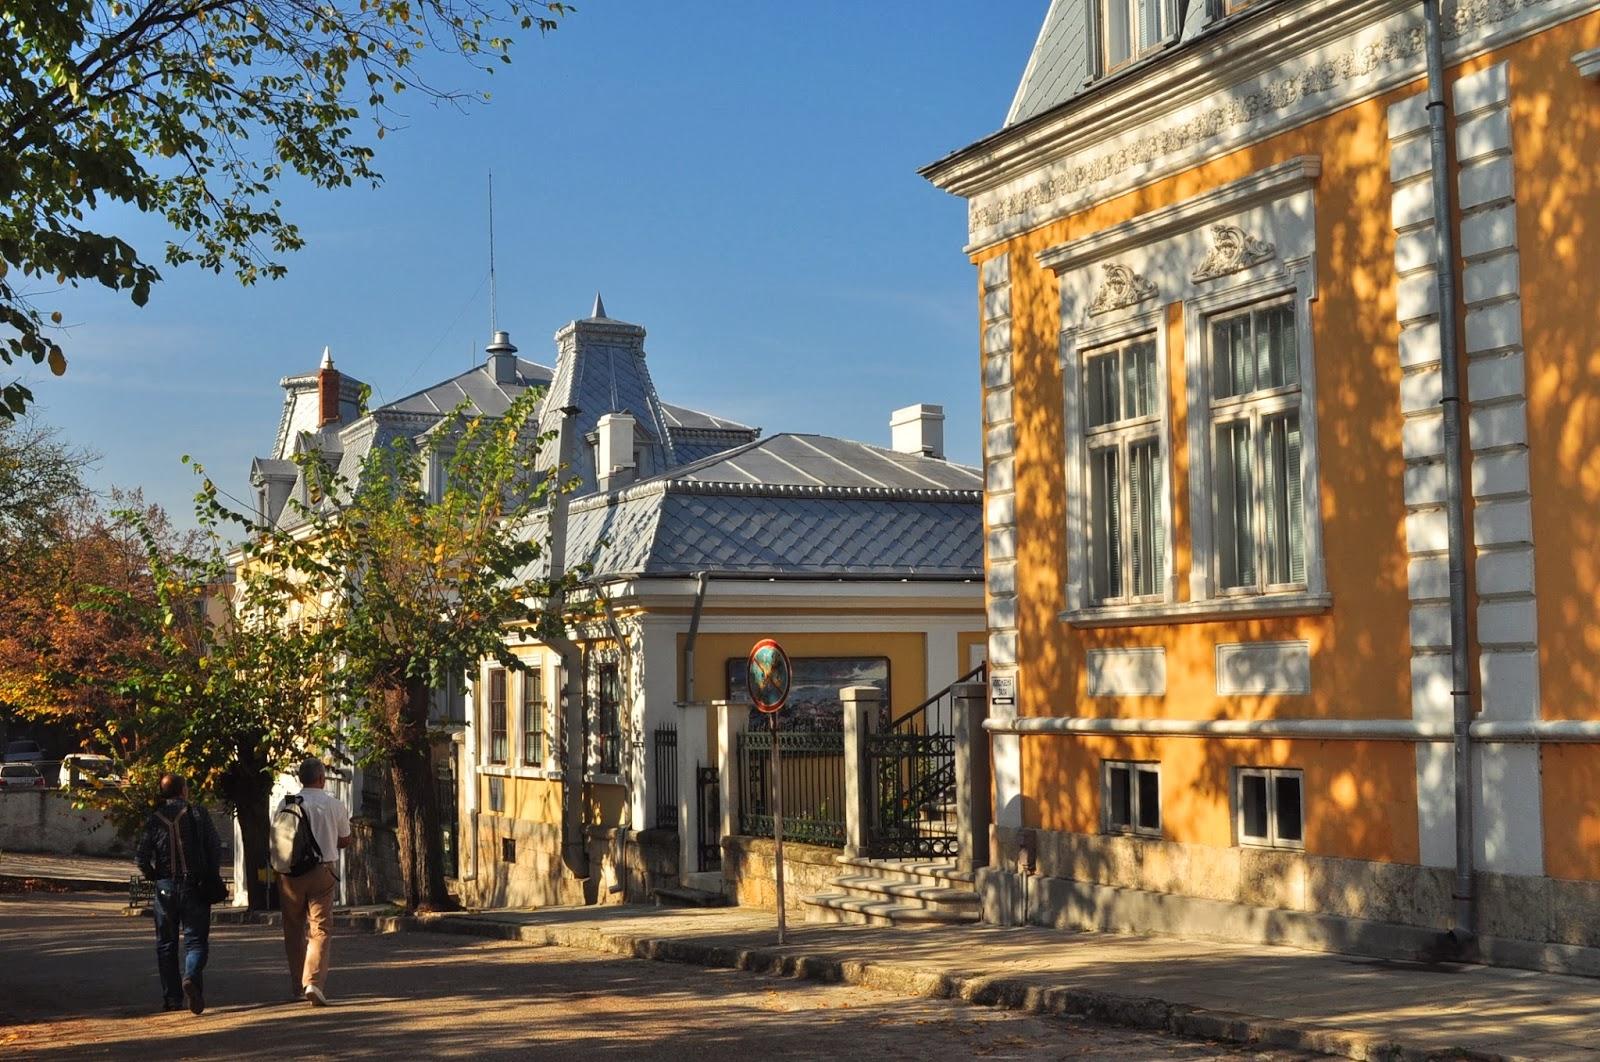 Крайдунавският град Тутракан е истинска туристическа перла, за която малцина подозират. Великолепната архитектура от края на 19-ти век, красивият крайбрежен парк, музеят на риболова и лодкарството, рибарското селище, което в момента се възстановява, са само част от местните атракции.